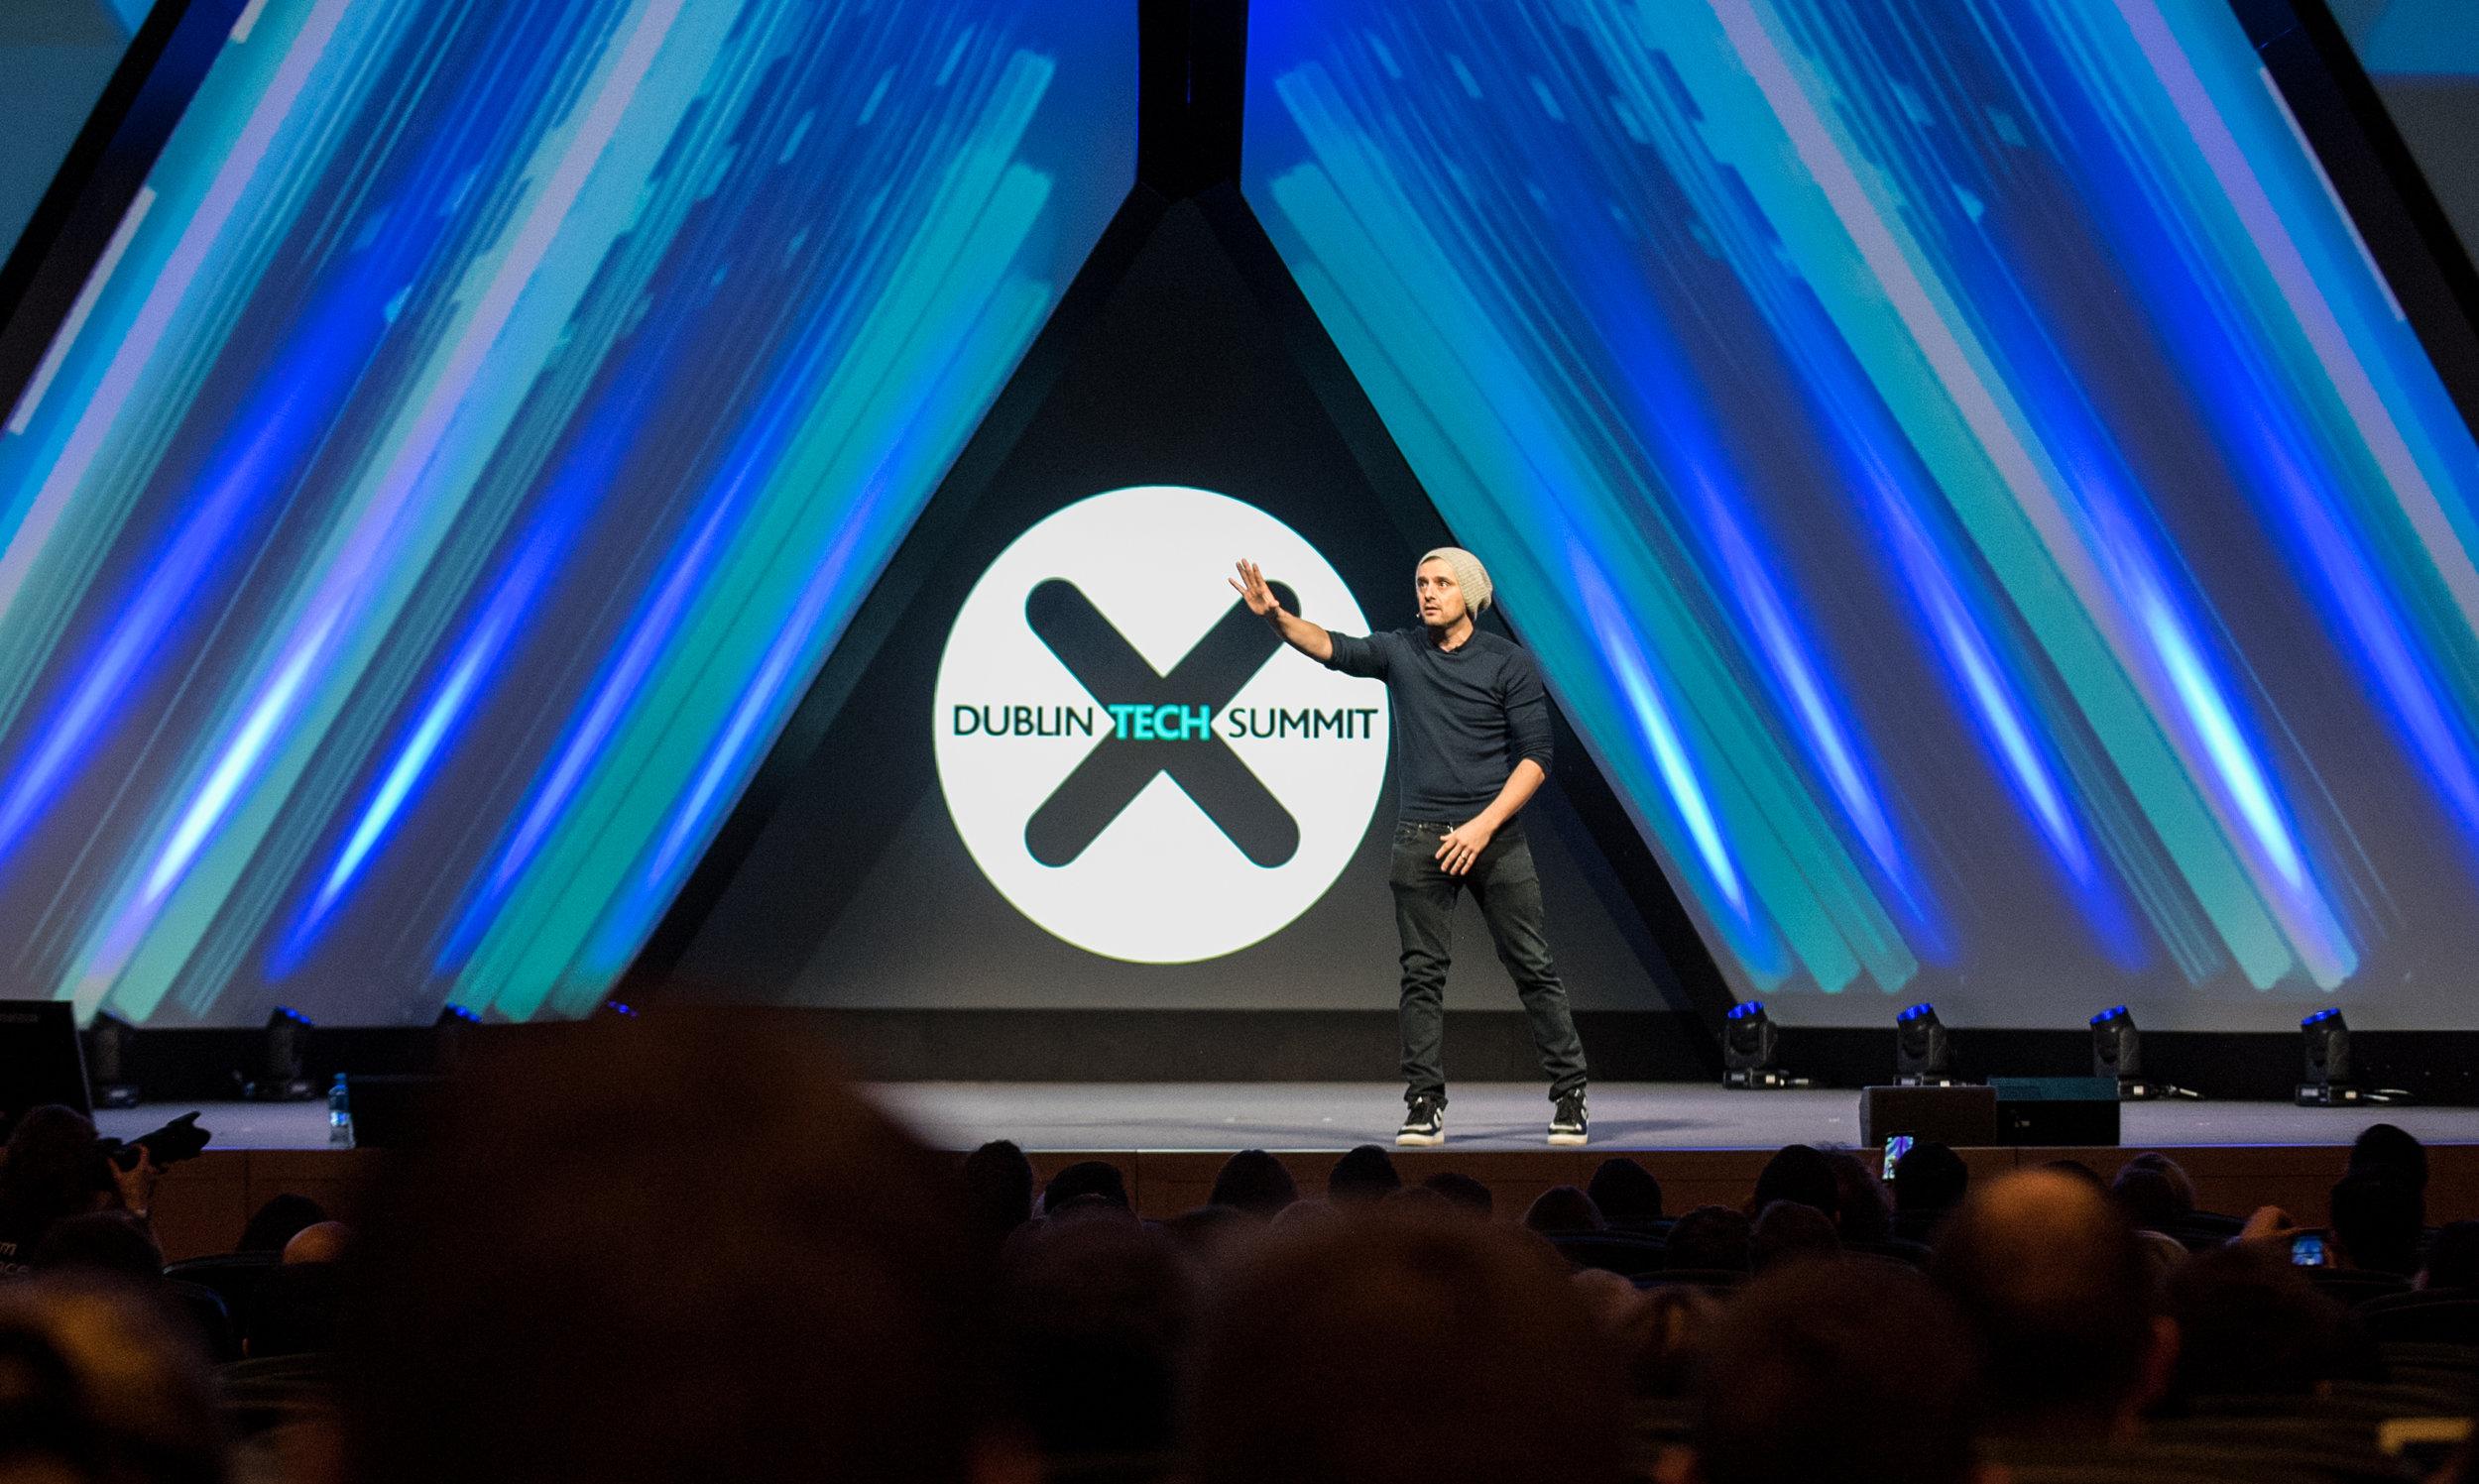 dublin tech summit gary veynerchuck